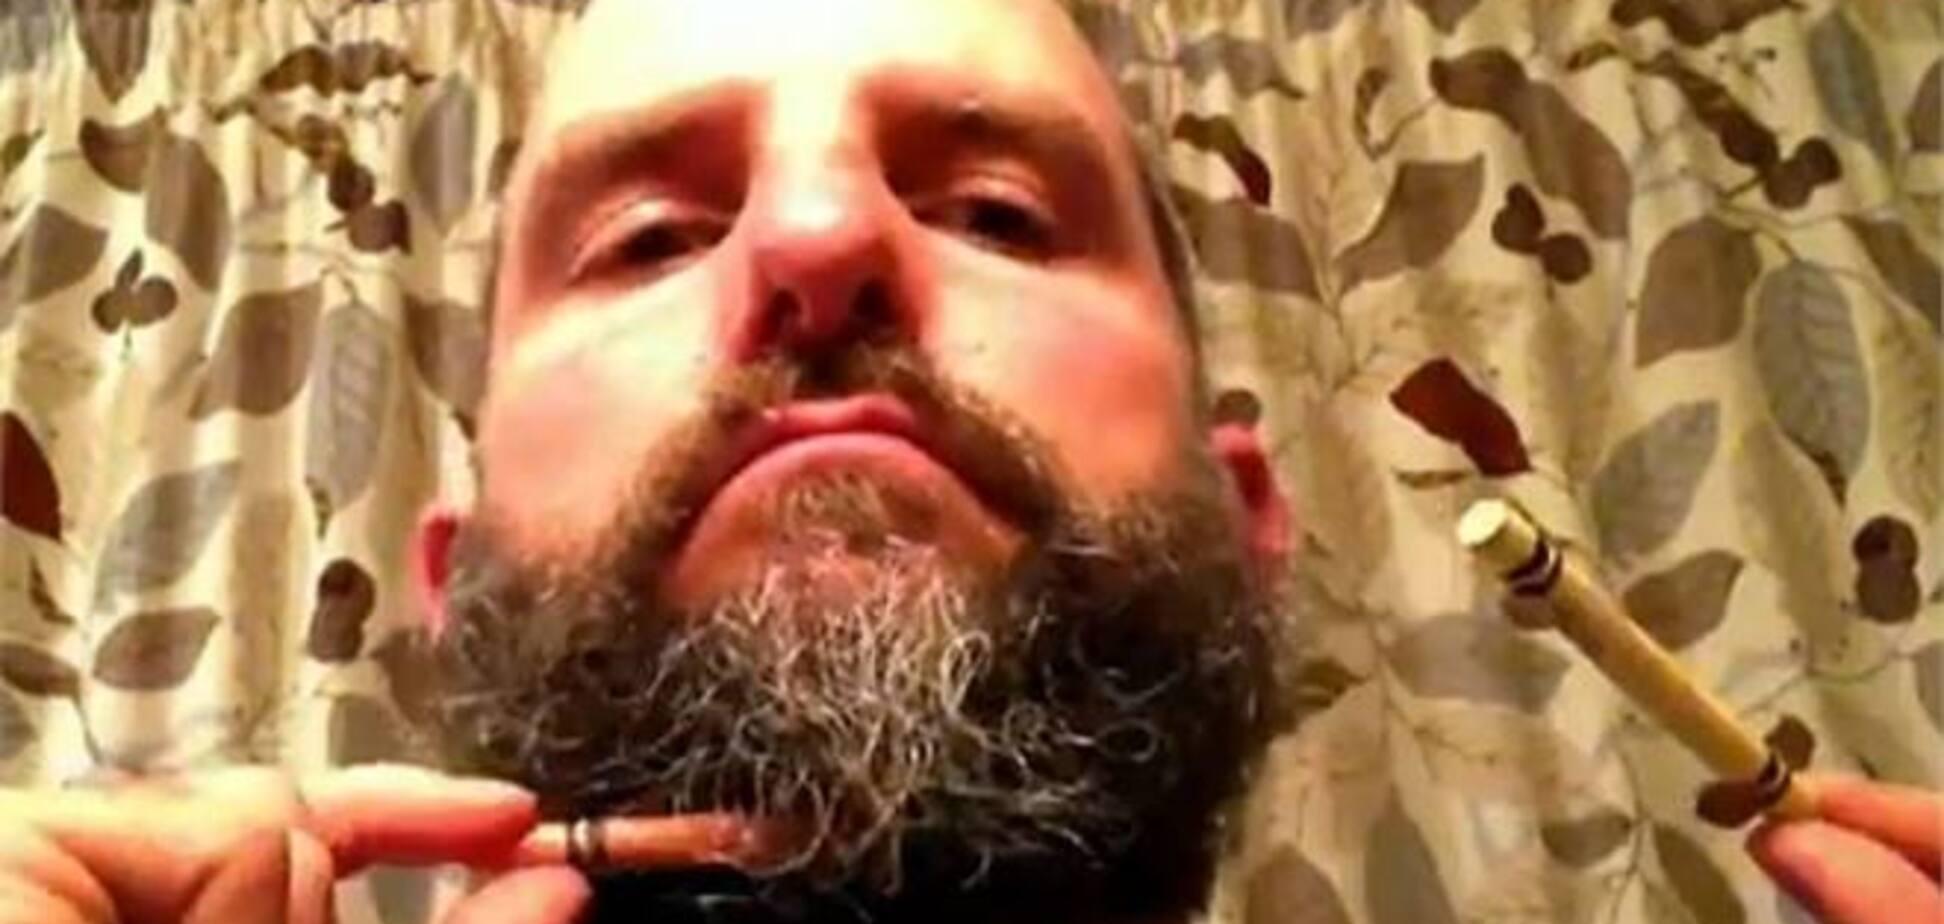 Американец с 'волшебной бородой' взорвал Интернет